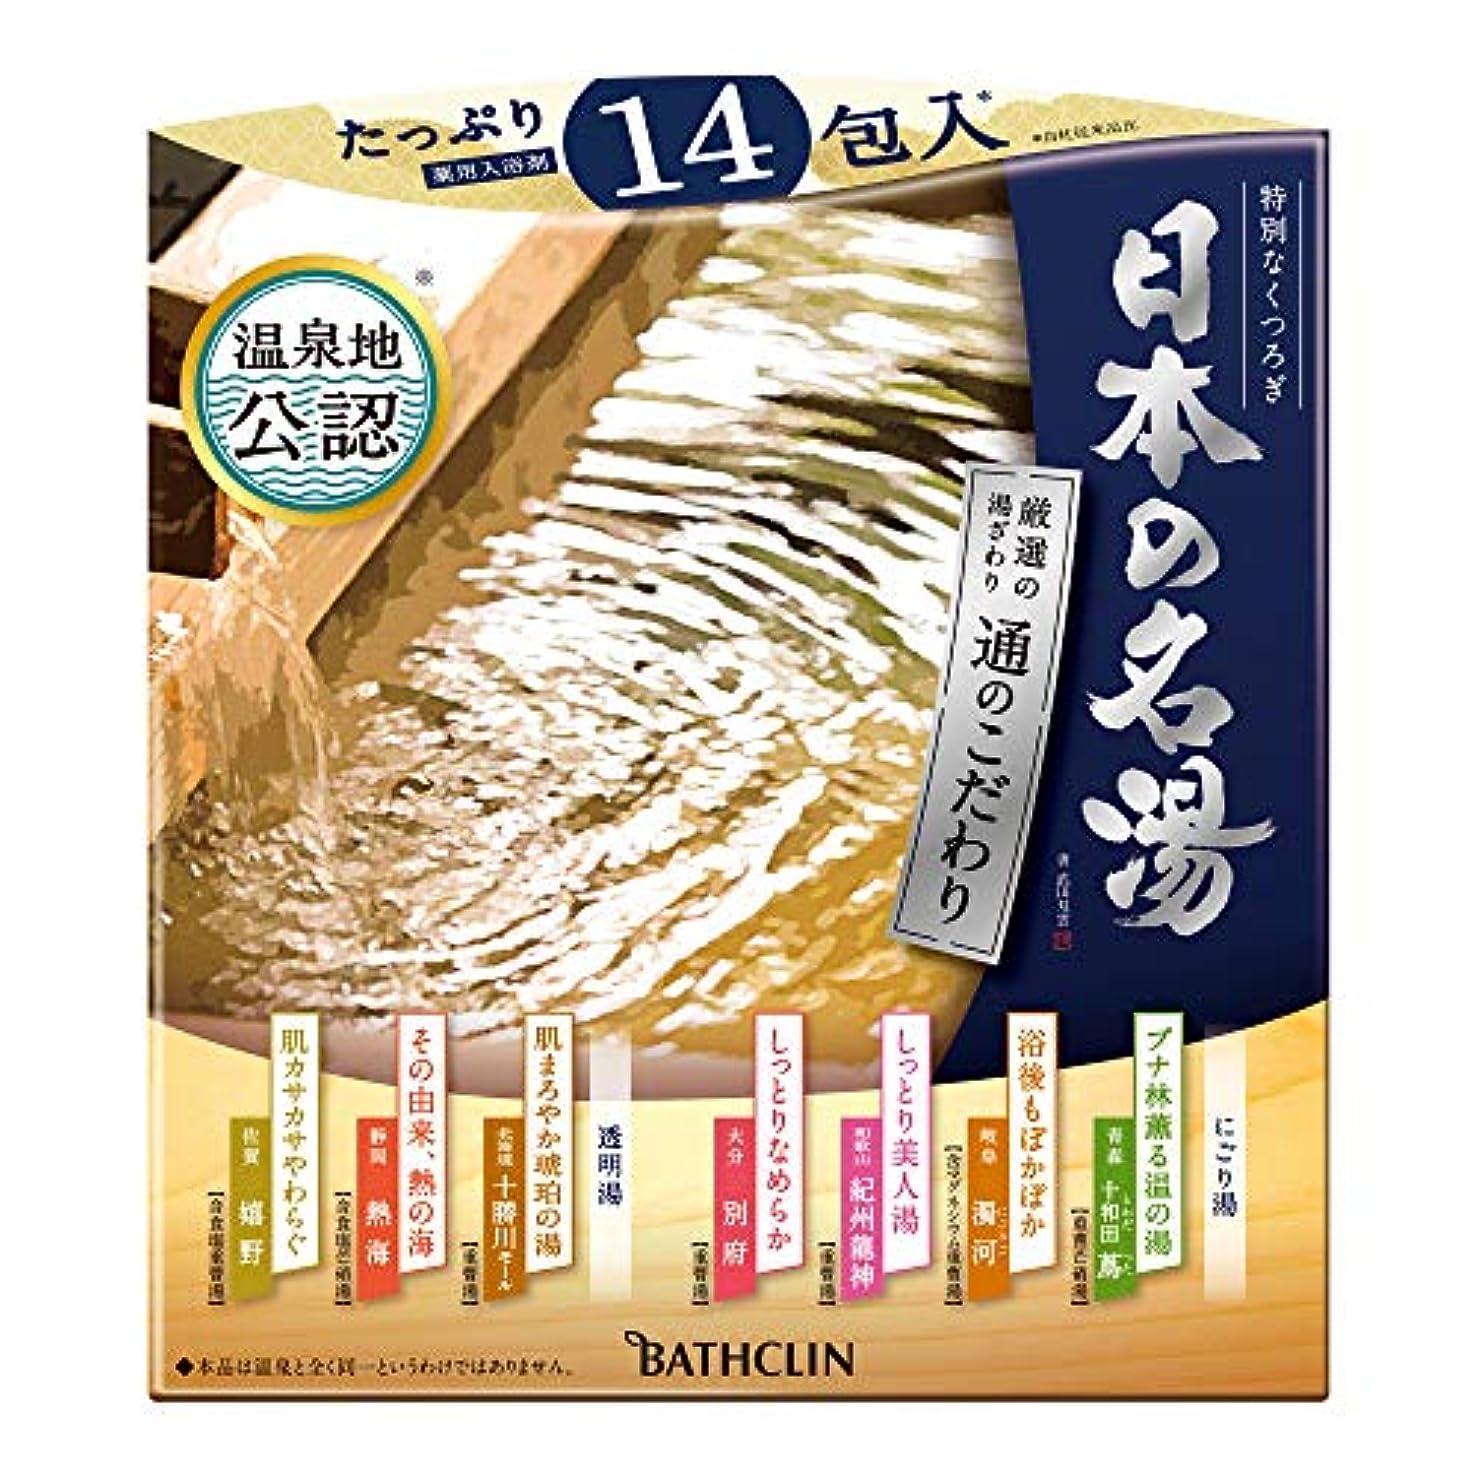 デュアル妻制約【医薬部外品】バスクリン 日本の名湯 入浴剤 通のこだわり 30g×14包 個包装詰め合わせ 温泉タイプ